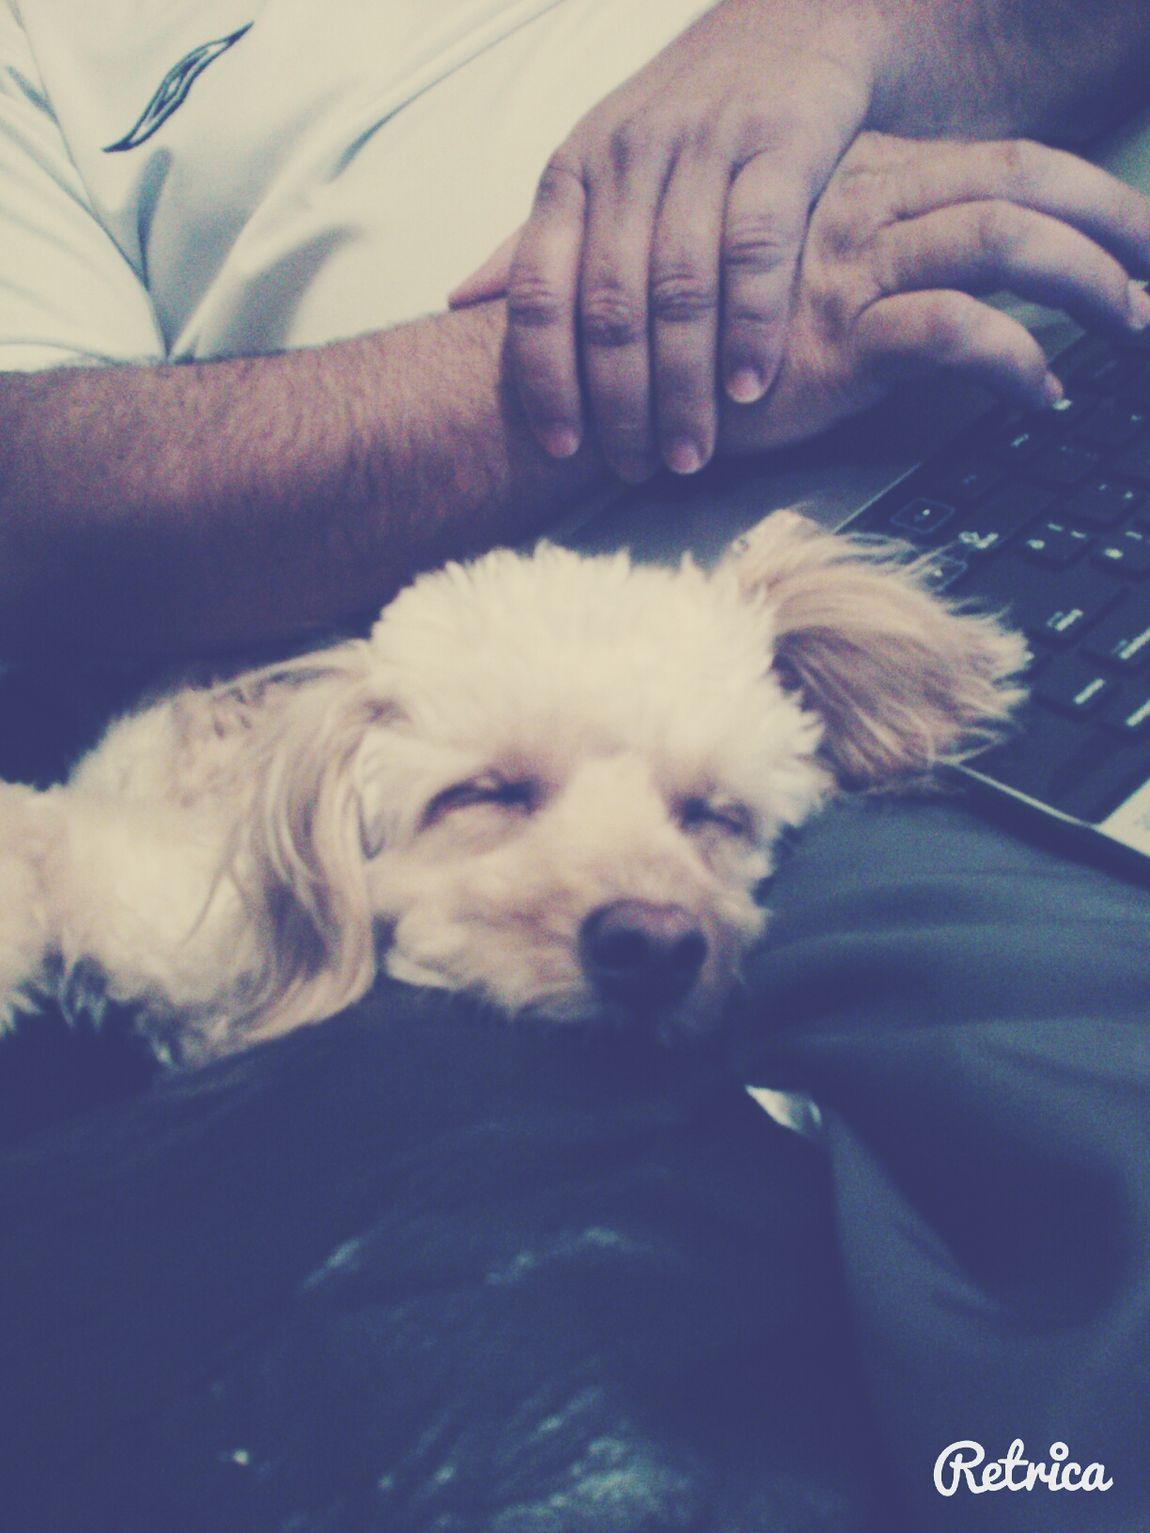 I Love My Dog!